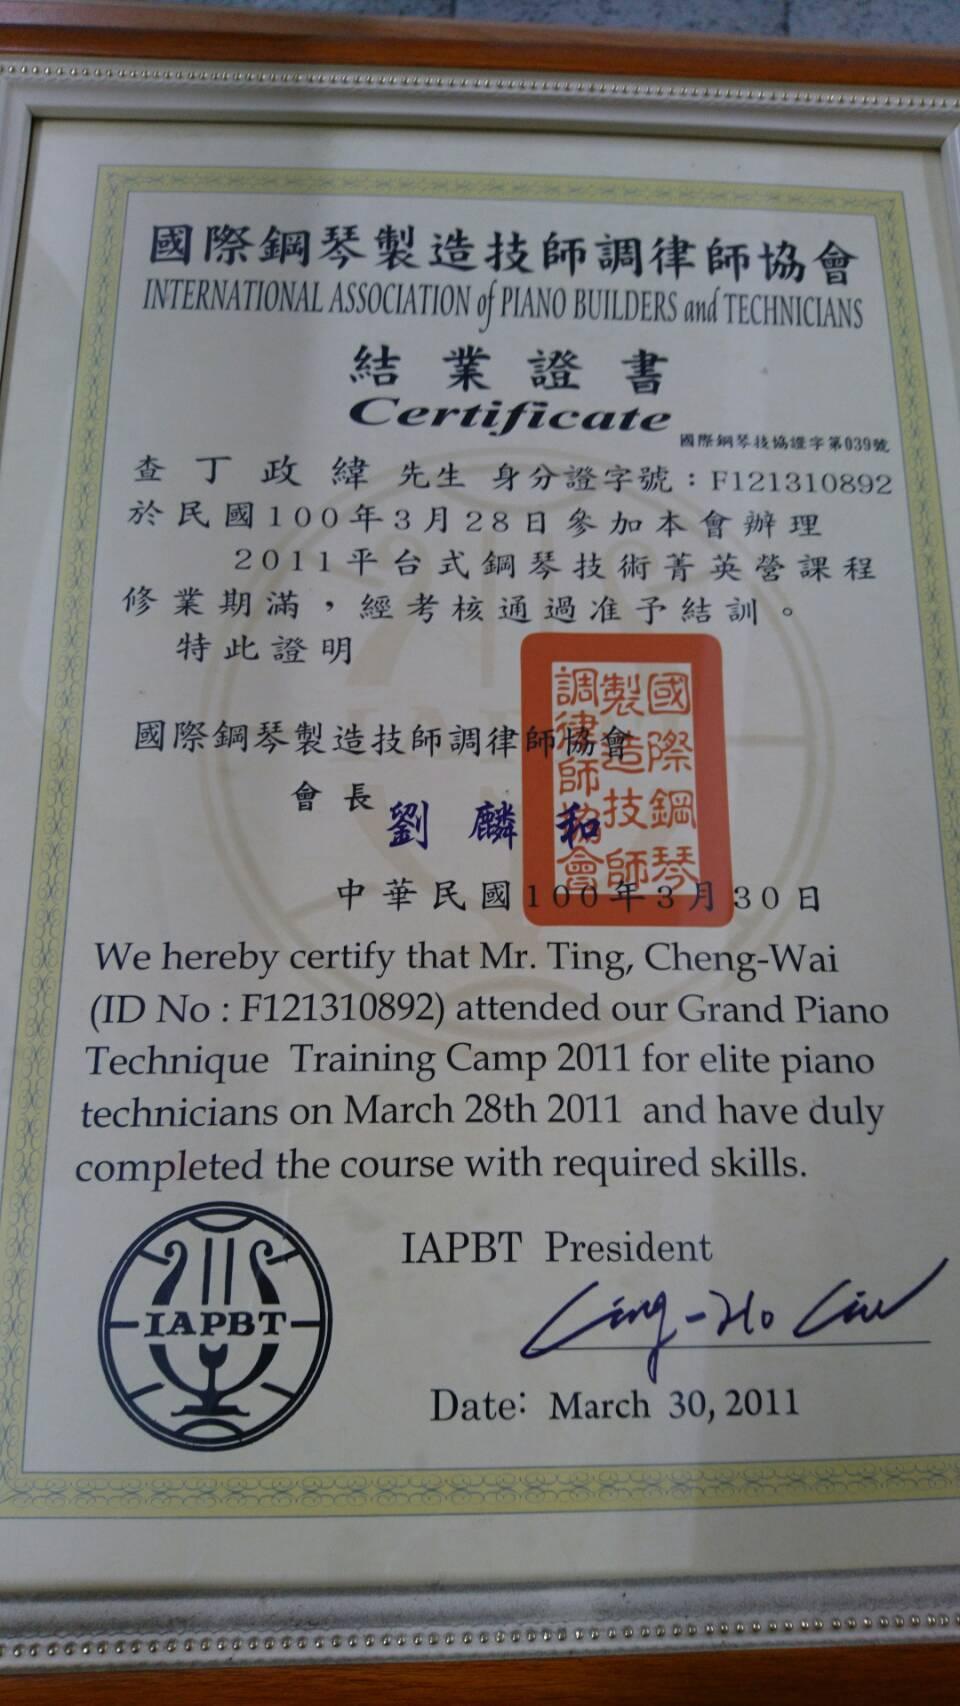 國際鋼琴製造技師調律師協會  * 演奏鋼琴調音技術  * 結業證書